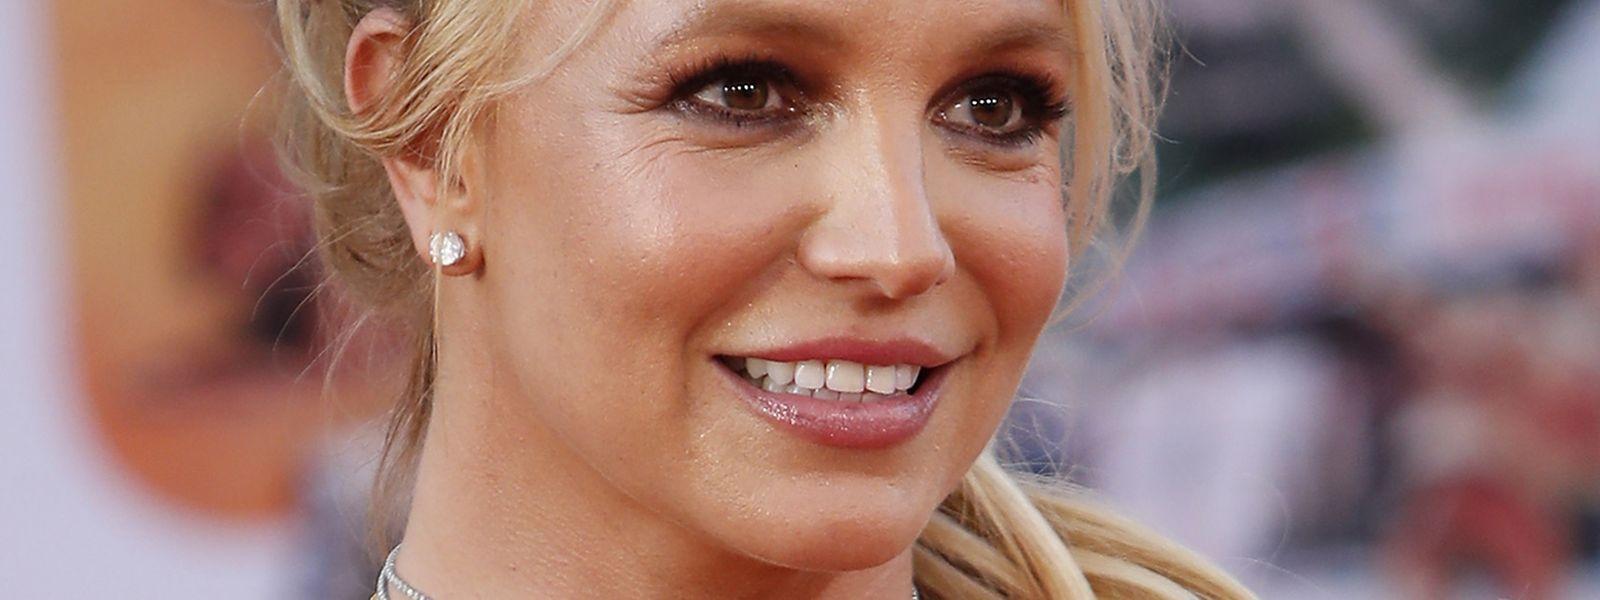 Am Telefon las Spears das mit heftigen Vorwürfen gegen ihre Familie und ihre Betreuer gespickte Statement ab.